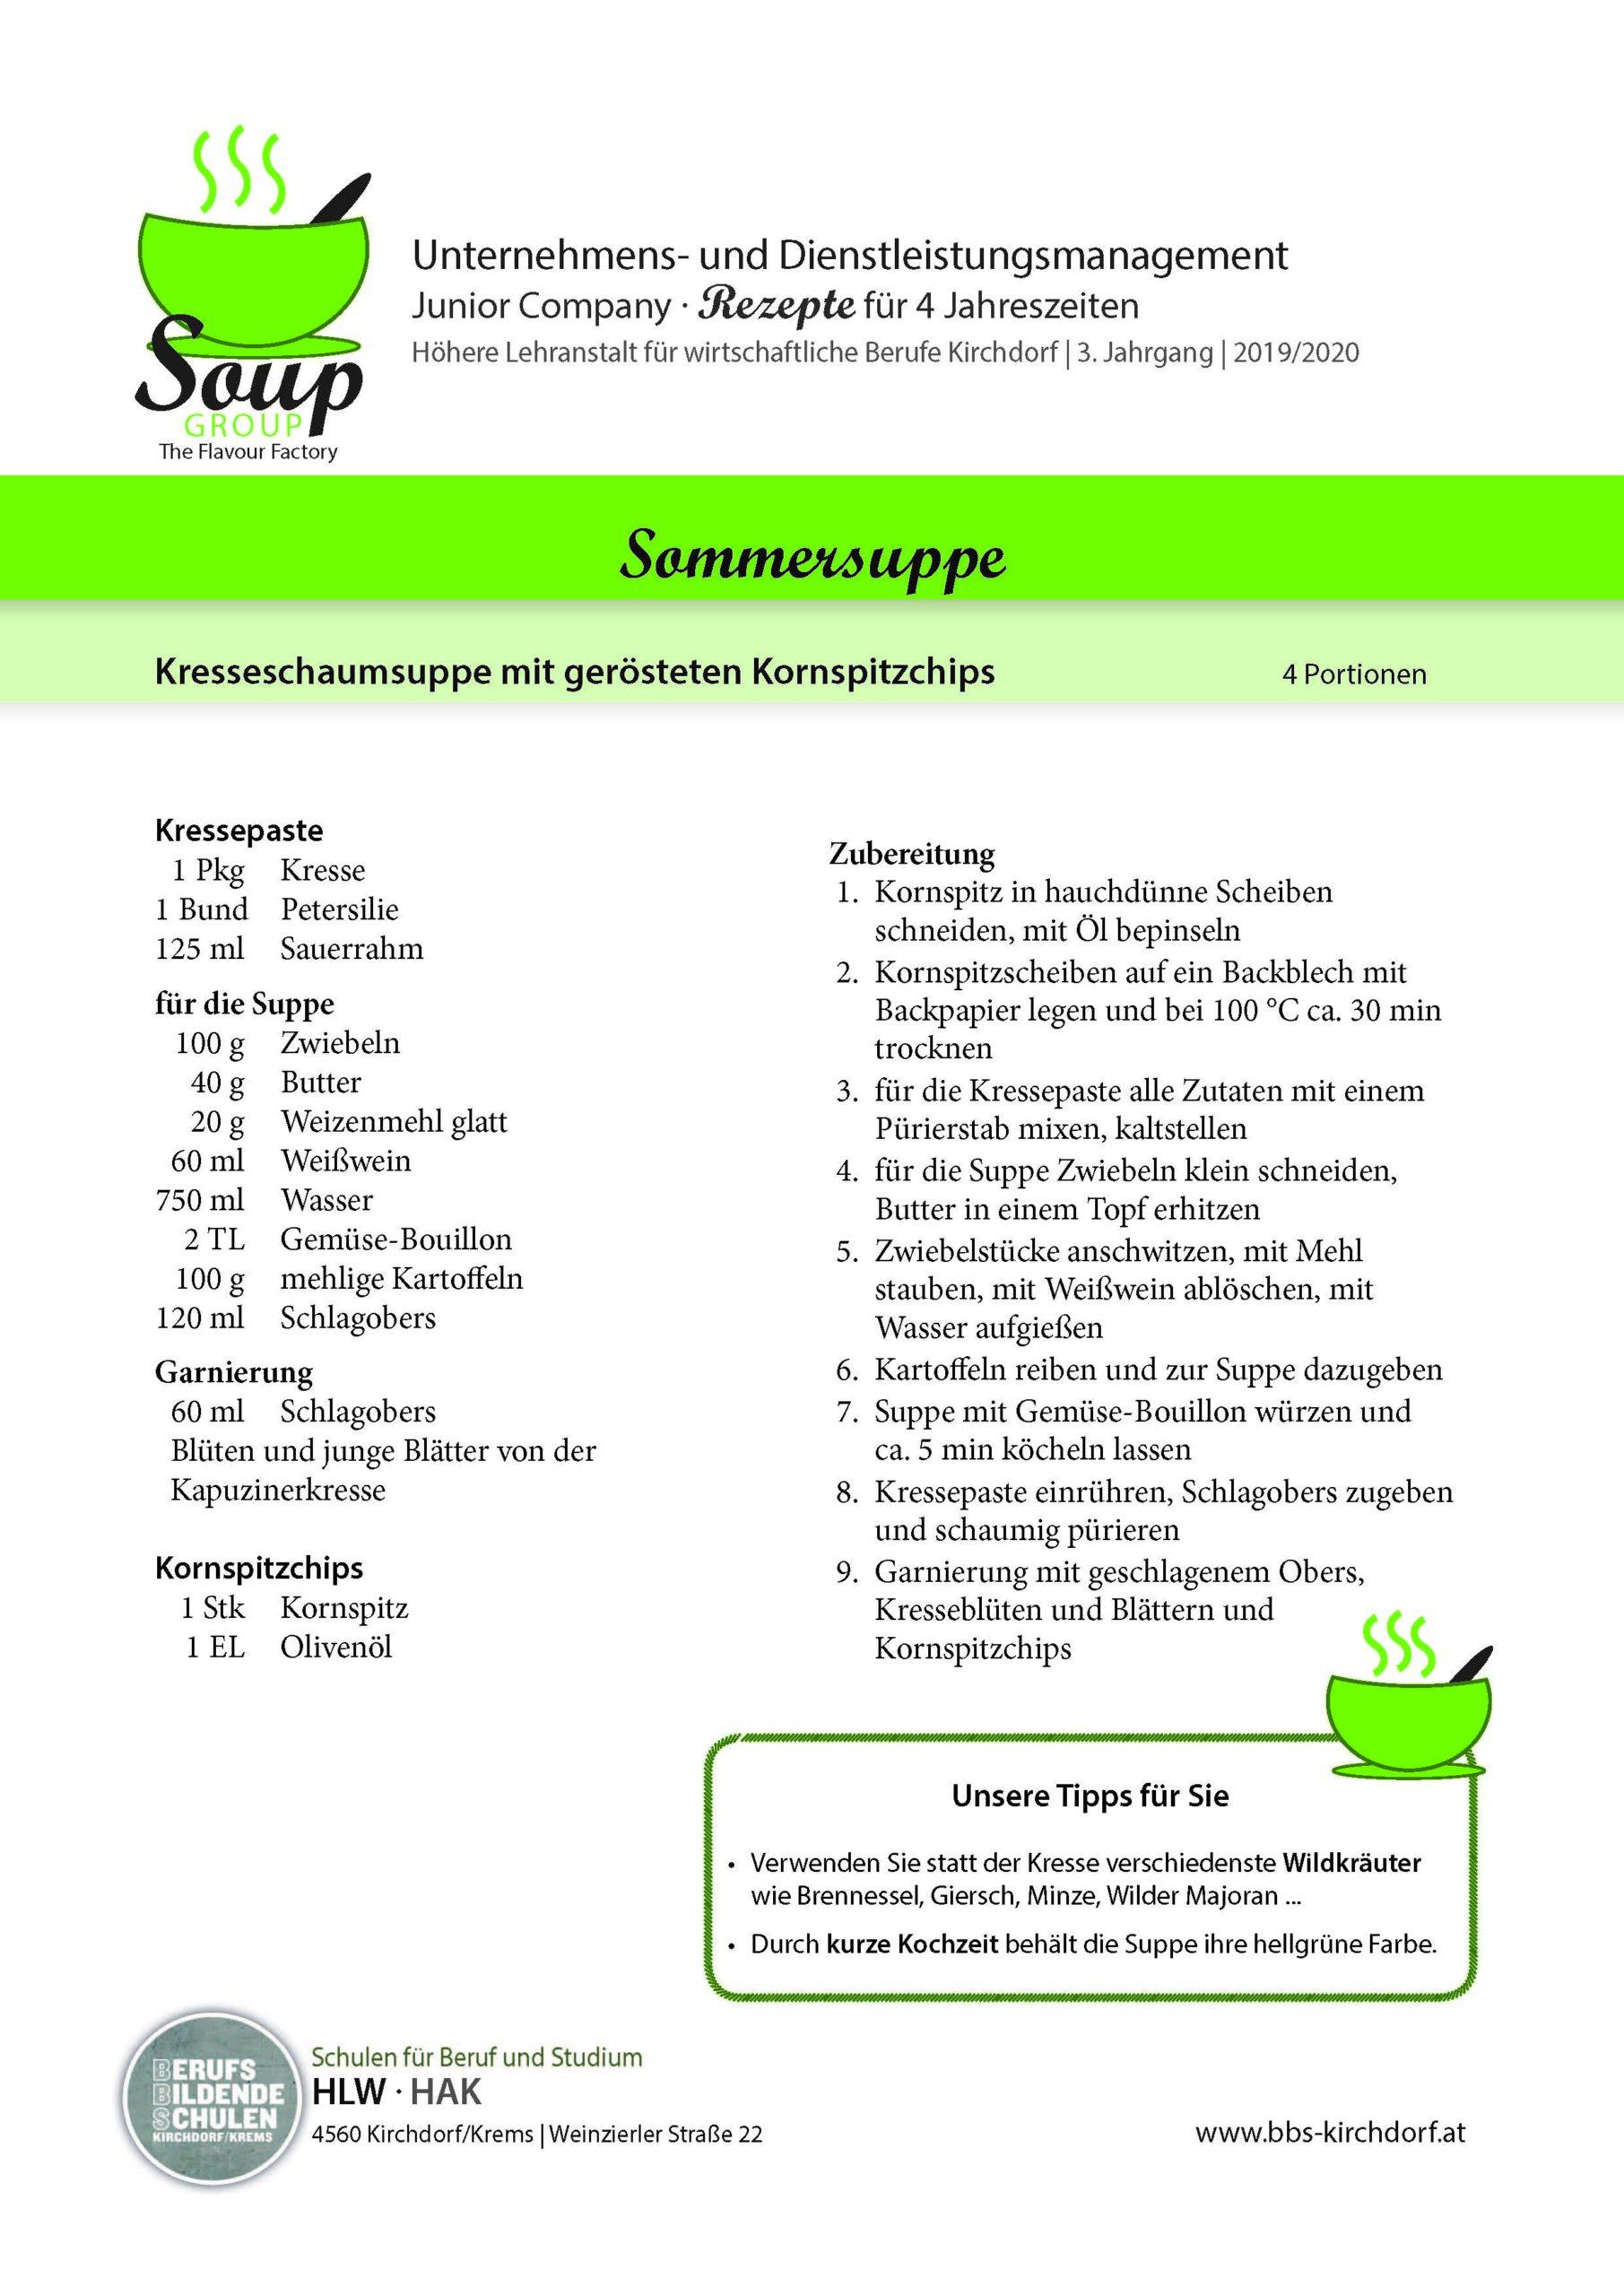 HLW_Jg3b_UDM_SommerRezepte2020_Seite_1